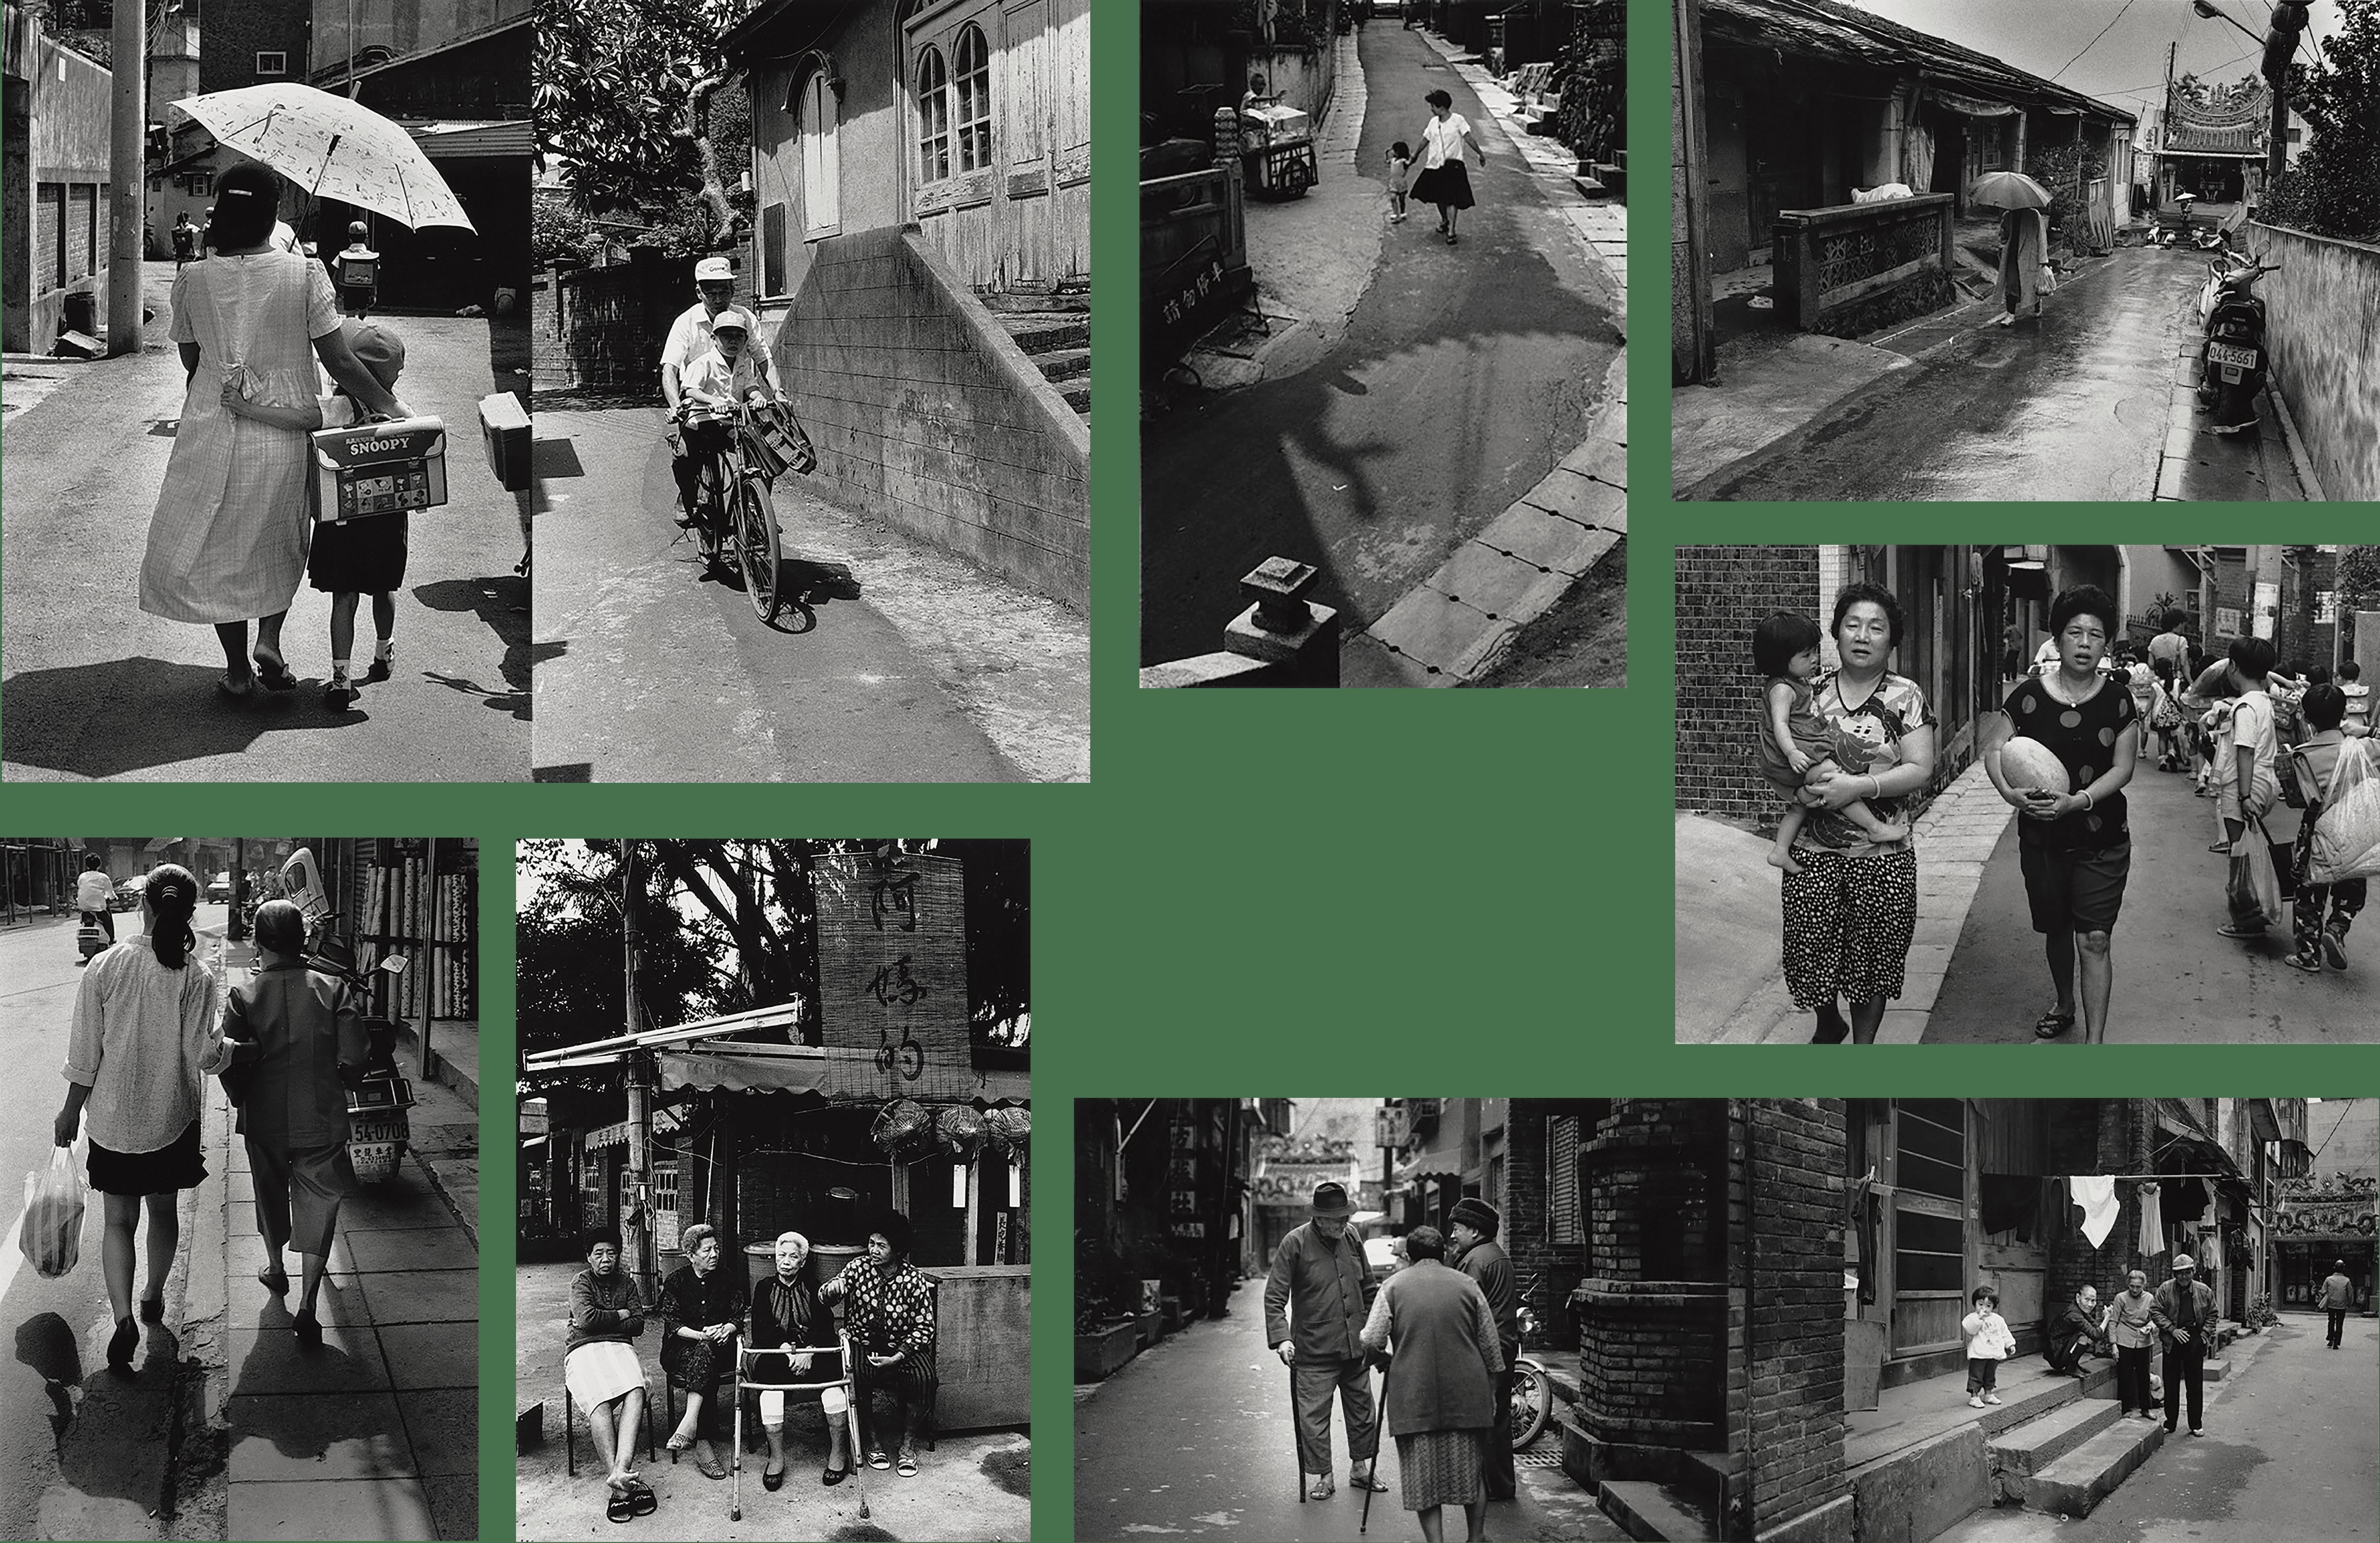 1990年馬偕街(左上一、二)與中正路(左下一)、1991-1993渡船頭環河道路(左下二)、1984-1991年清水街(右側5張)